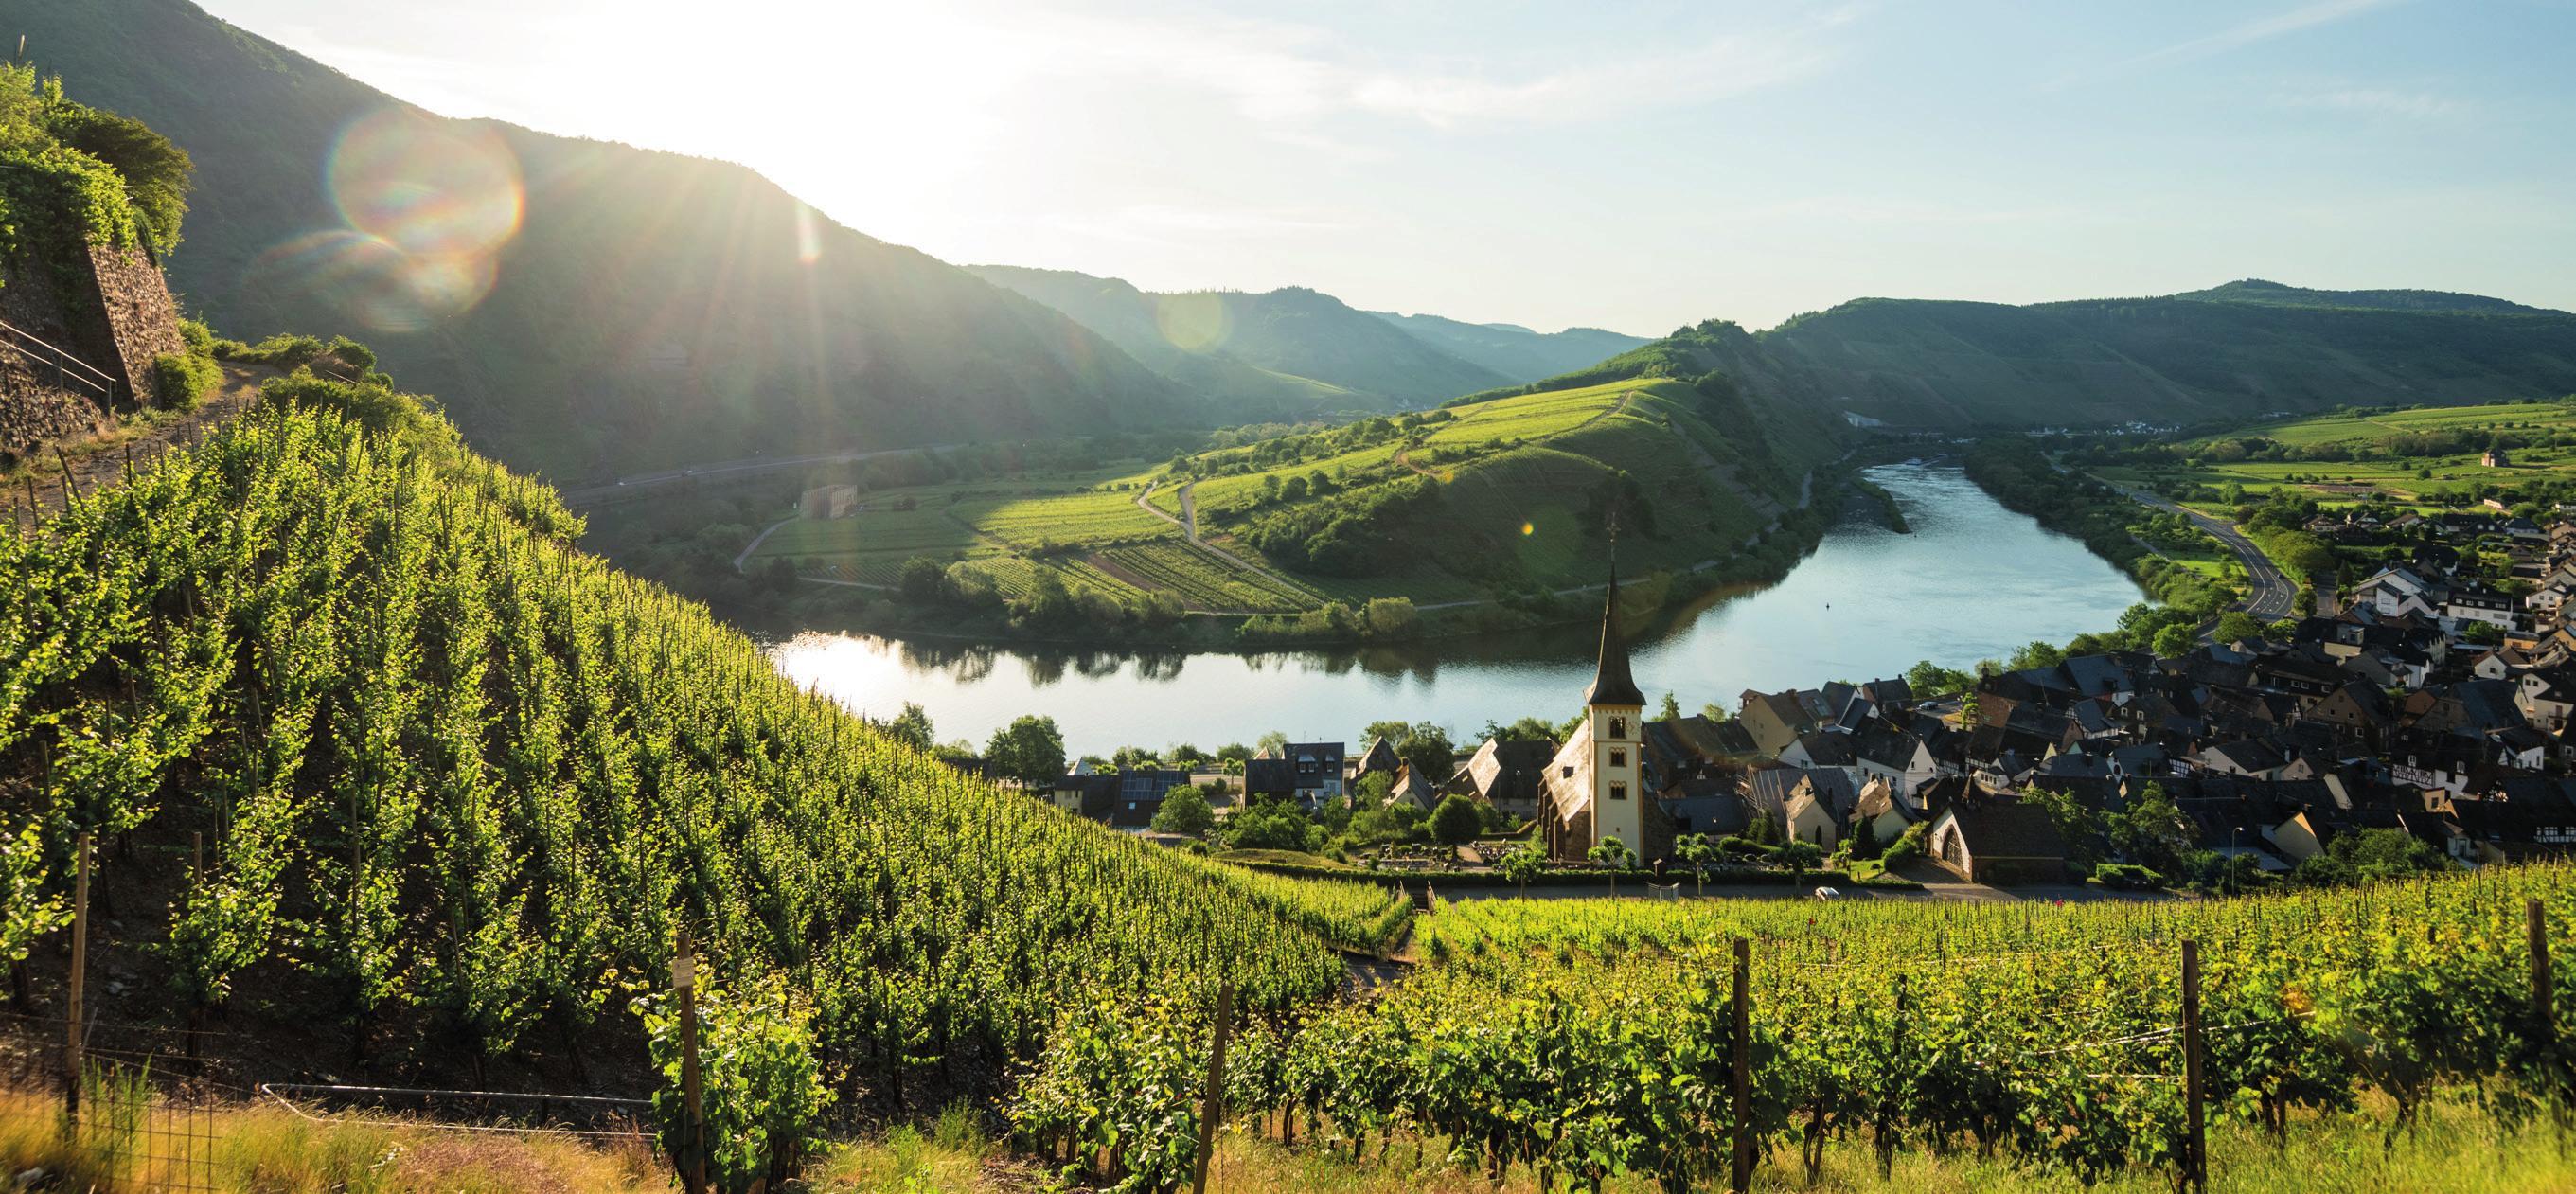 Die Ortsgemeinde Bremm liegt an einer Moselschleife und ist umgeben von den Rebhängen des Calmont, der mit 65 Grad Neigung steilsten Weinberglage Europas.